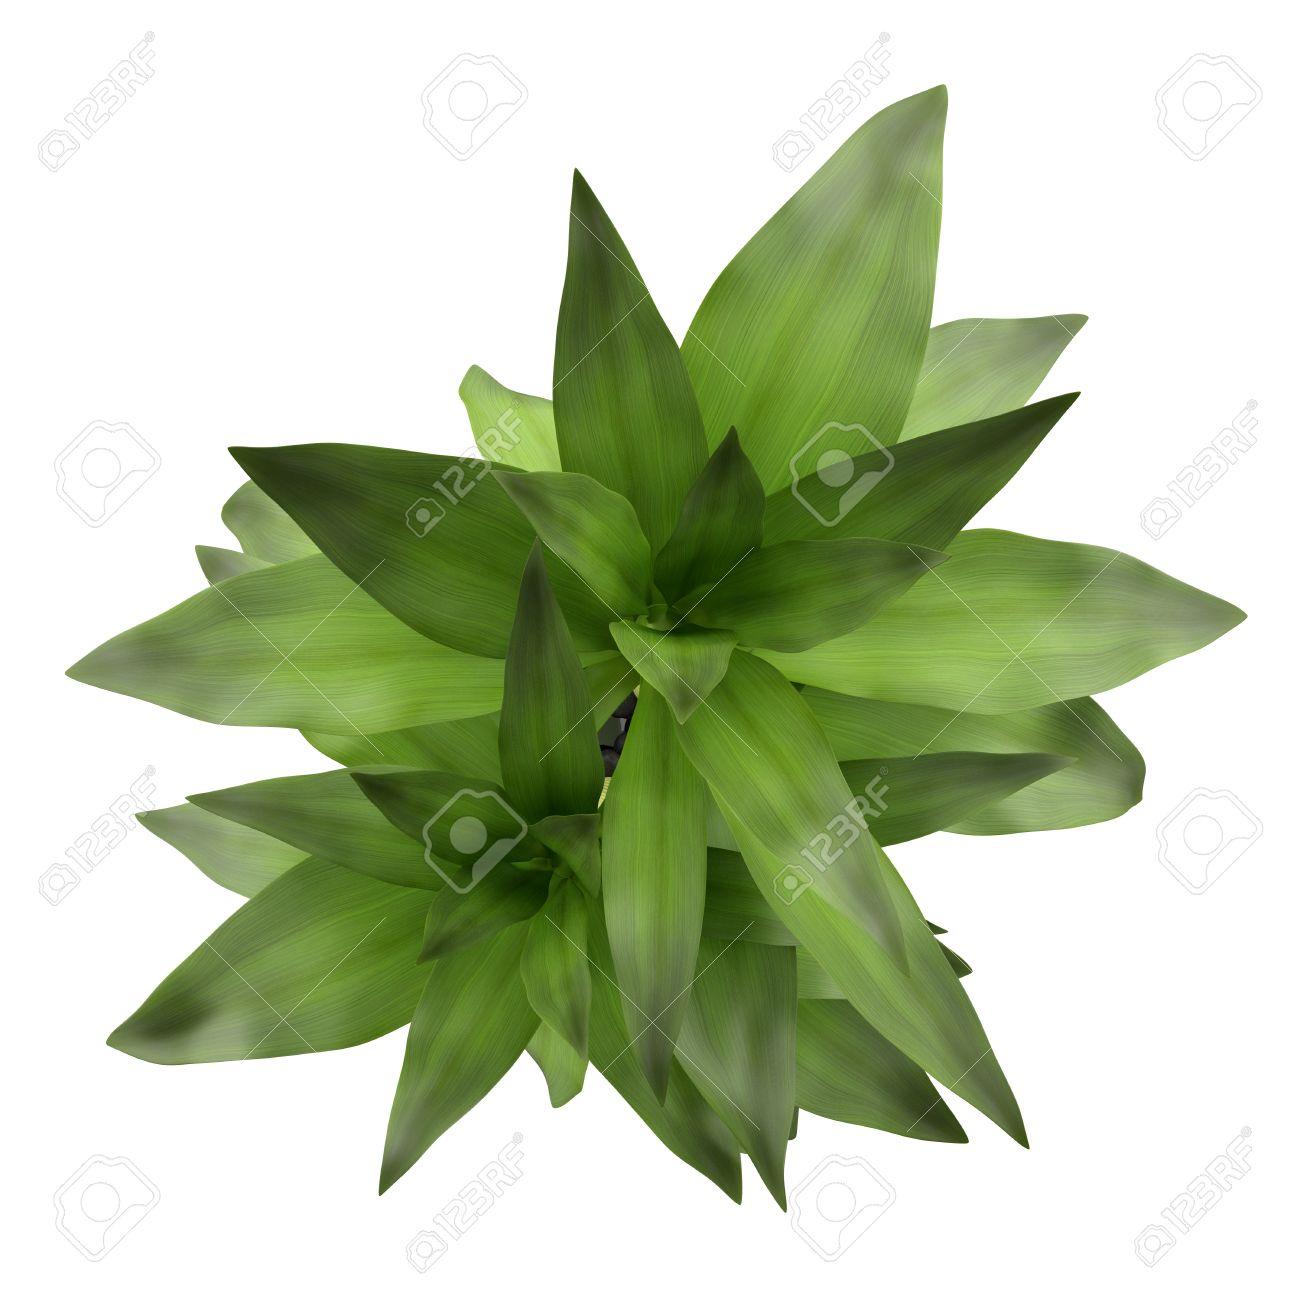 Draufsicht Auf Bambus Pflanze In Der Vase Isoliert Auf Weissem